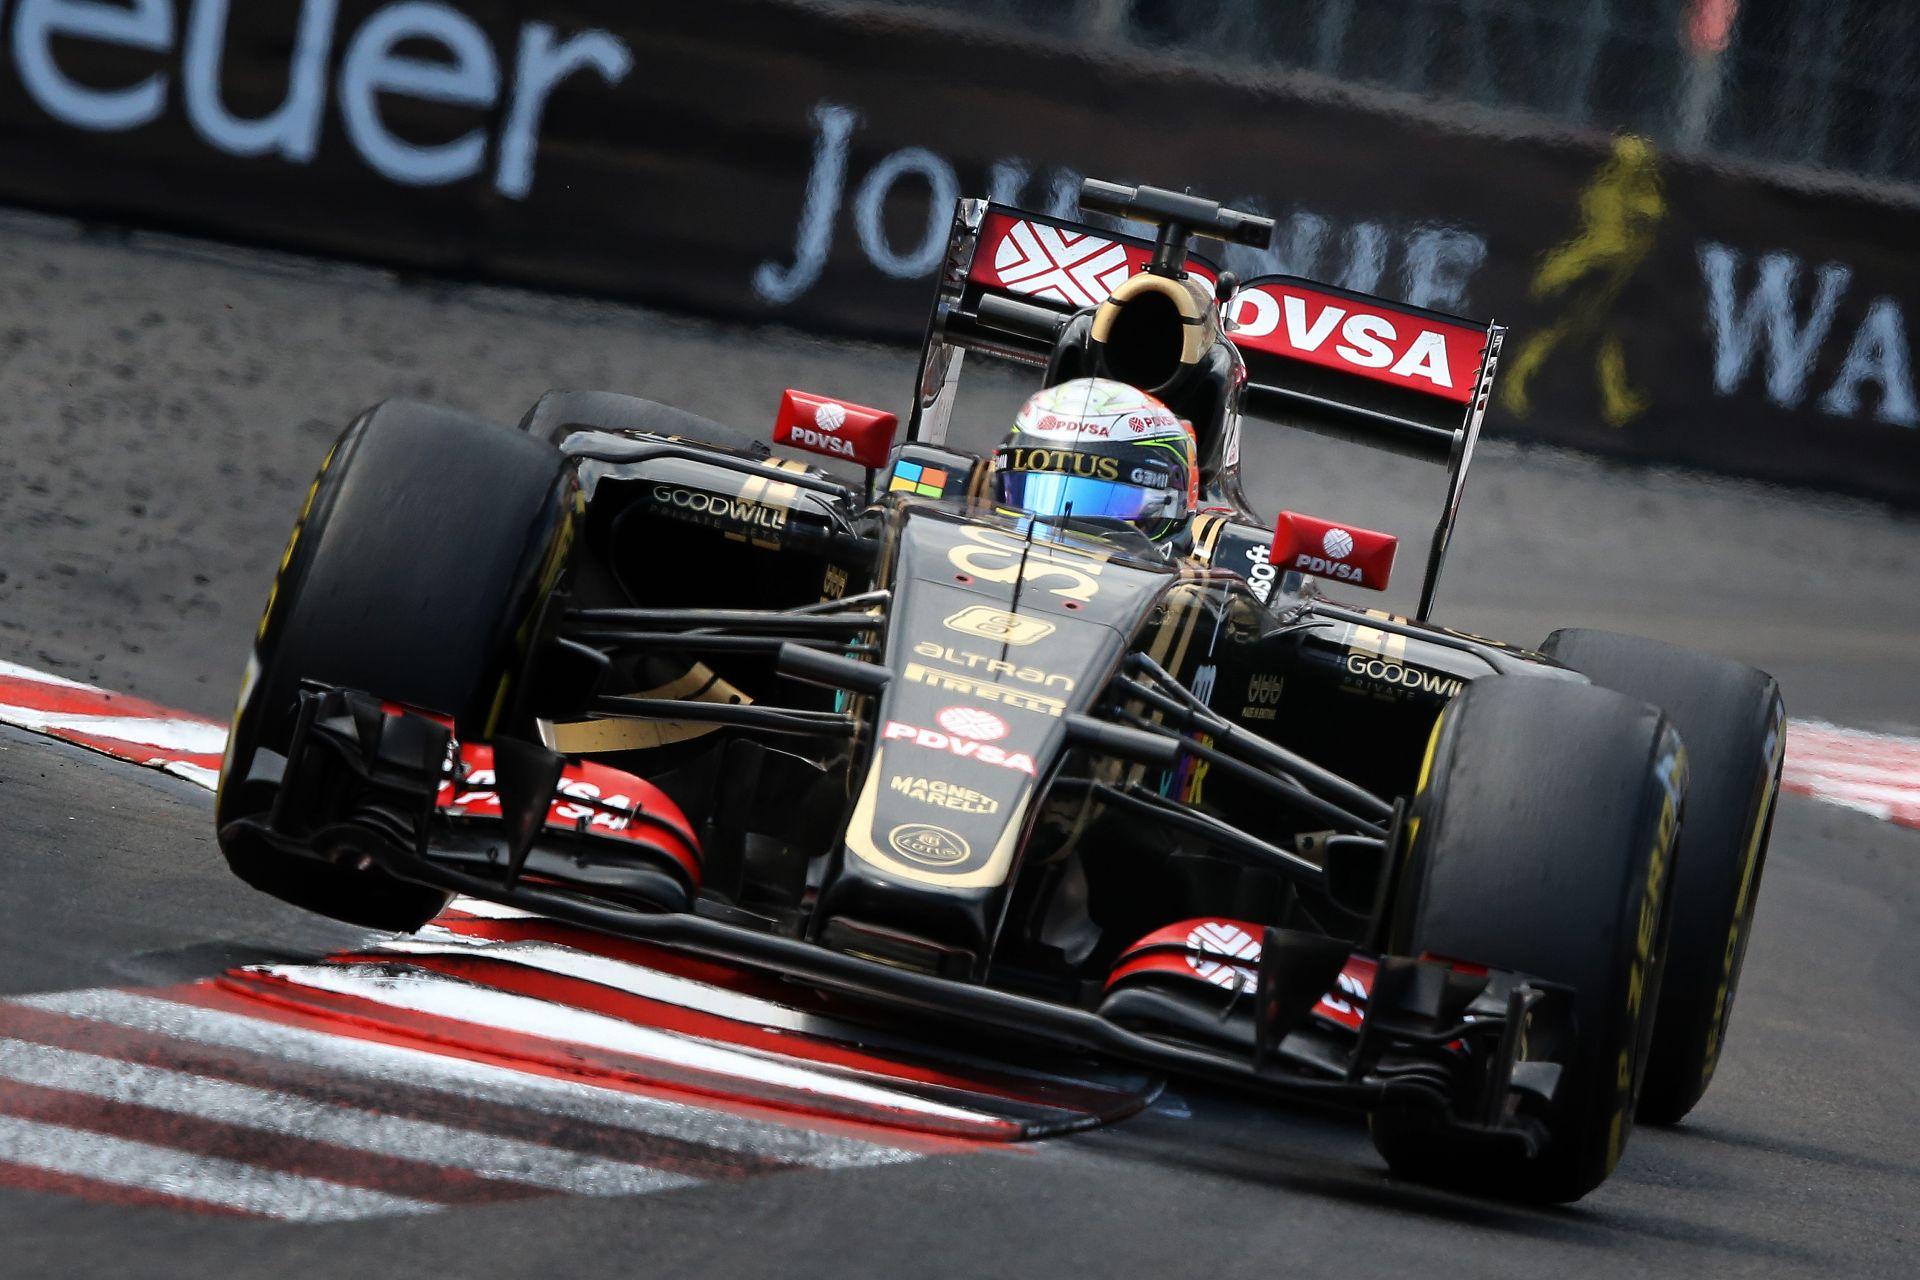 """A Lotus tagadja, hogy Grosjean """"féktesztelte"""" volna Verstappent"""